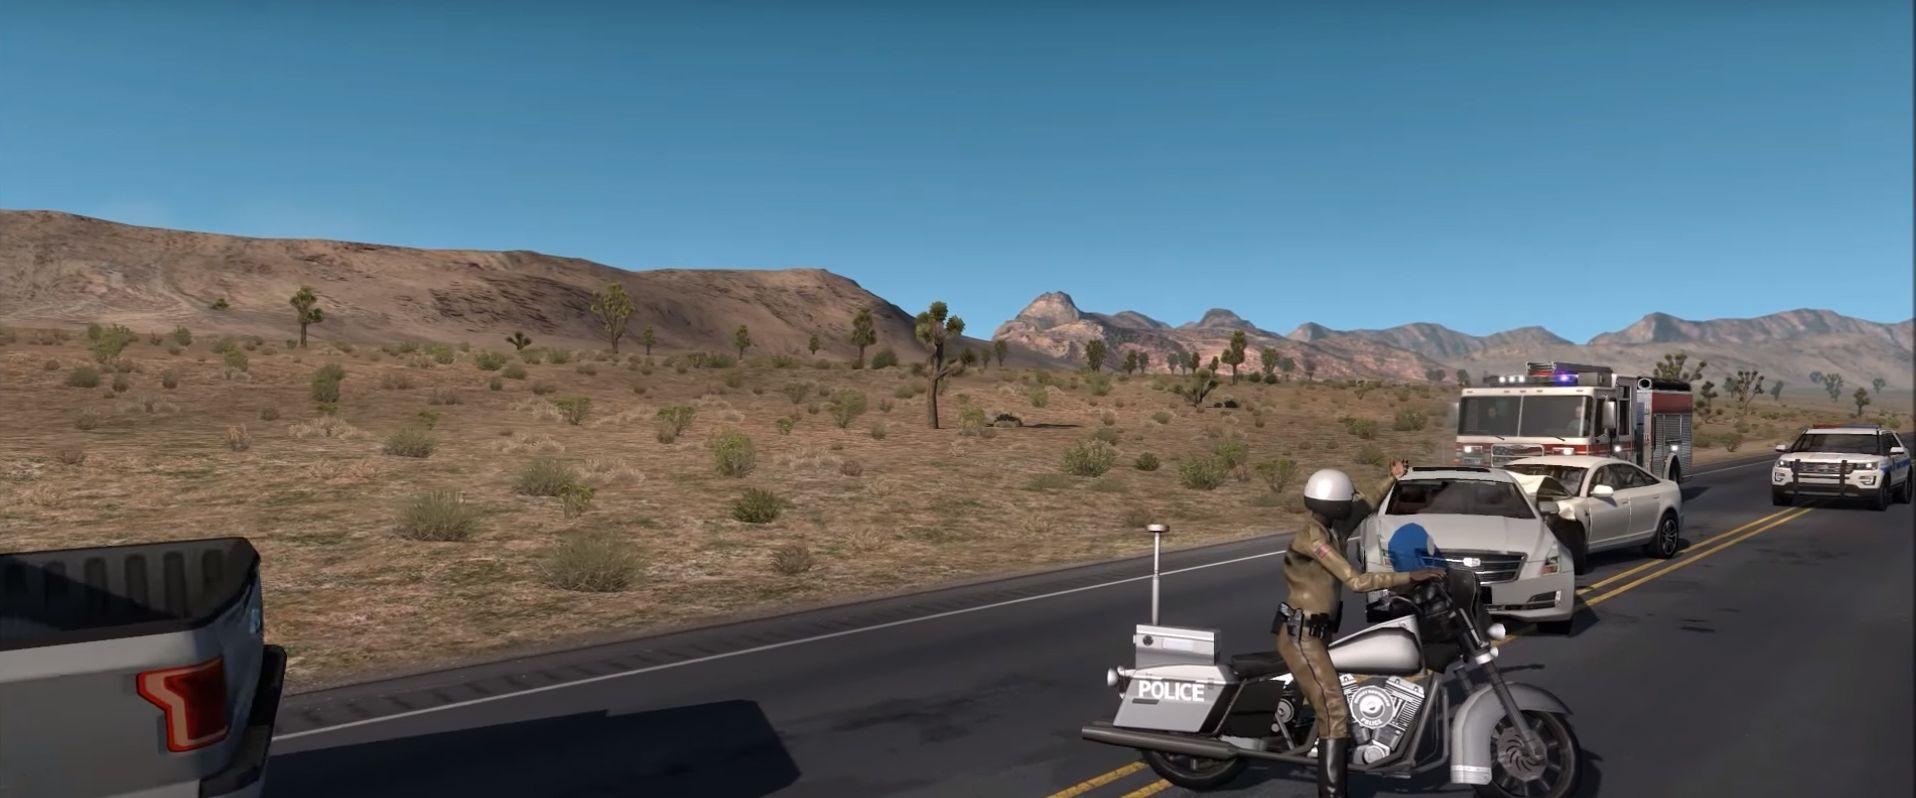 American Truck Simulator: обновление 1.29 (Открытый бета-тест)[Пытаемся разобраться]